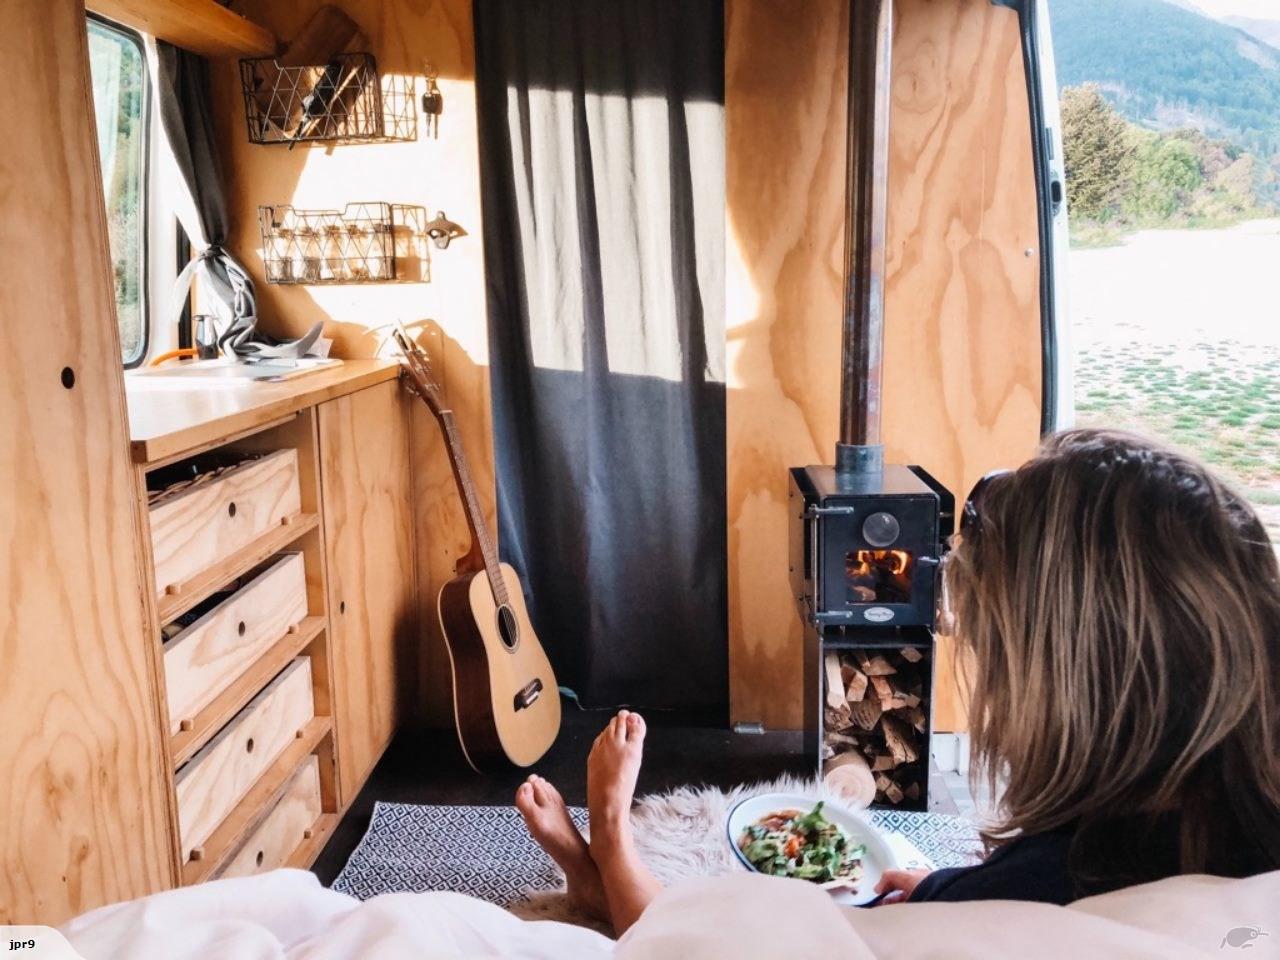 Handcrafted Wood Burners for campervans